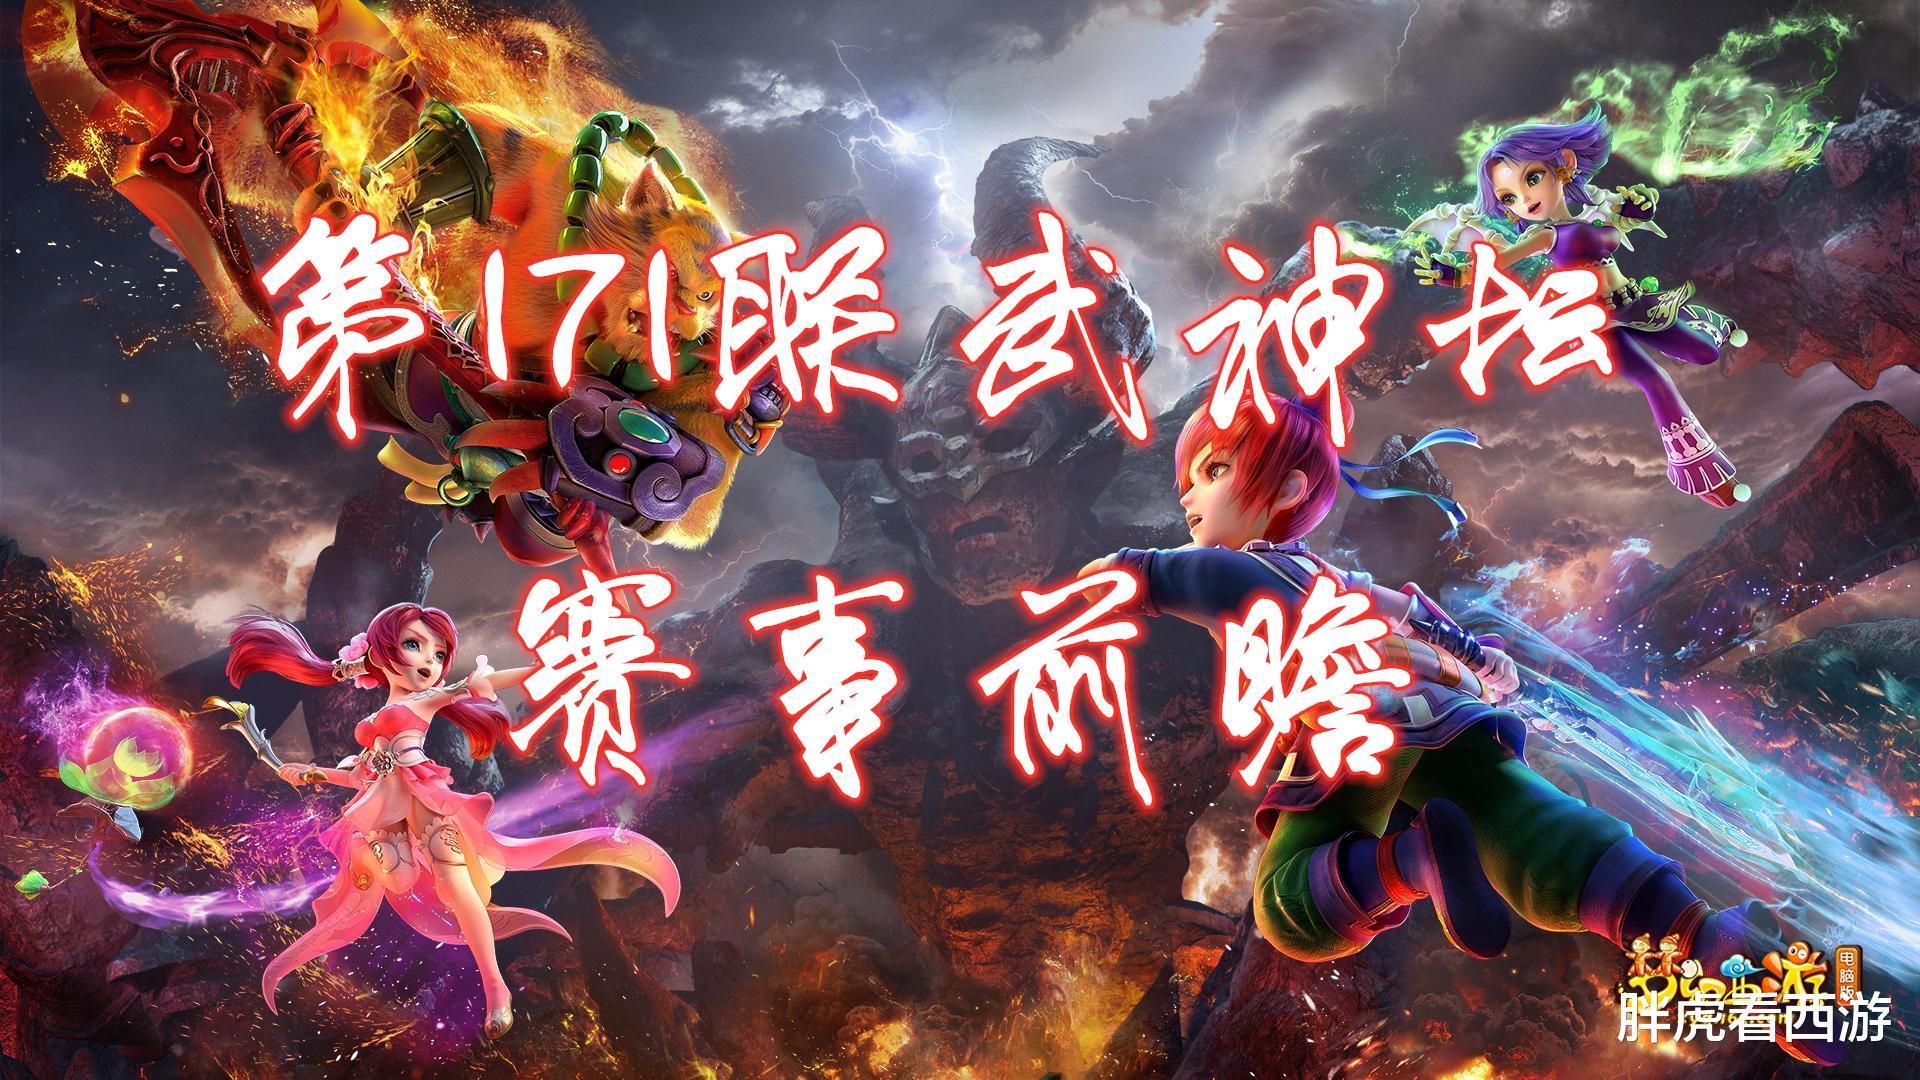 171聯武神壇前瞻: 珍寶閣必須拿下的生死戰, 紫禁城劍指三連冠-圖1